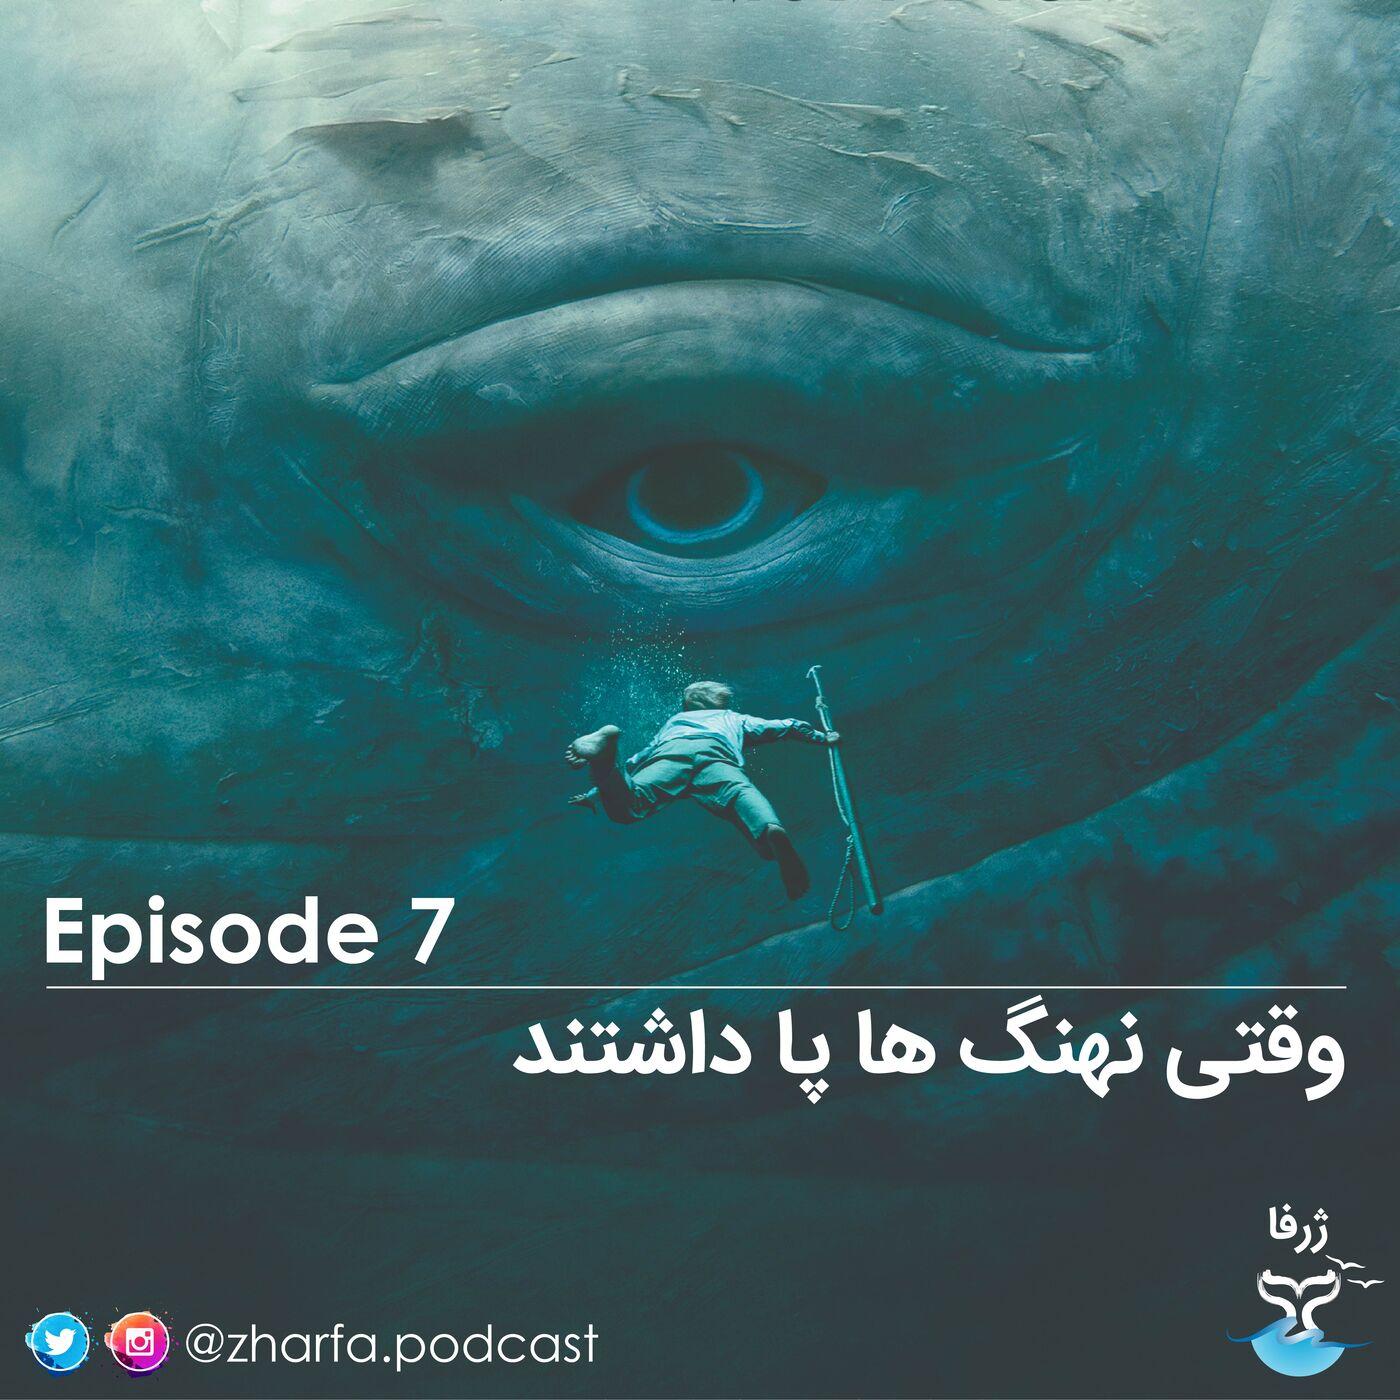 قسمت هفت - وقتی نهنگ ها پا داشتند